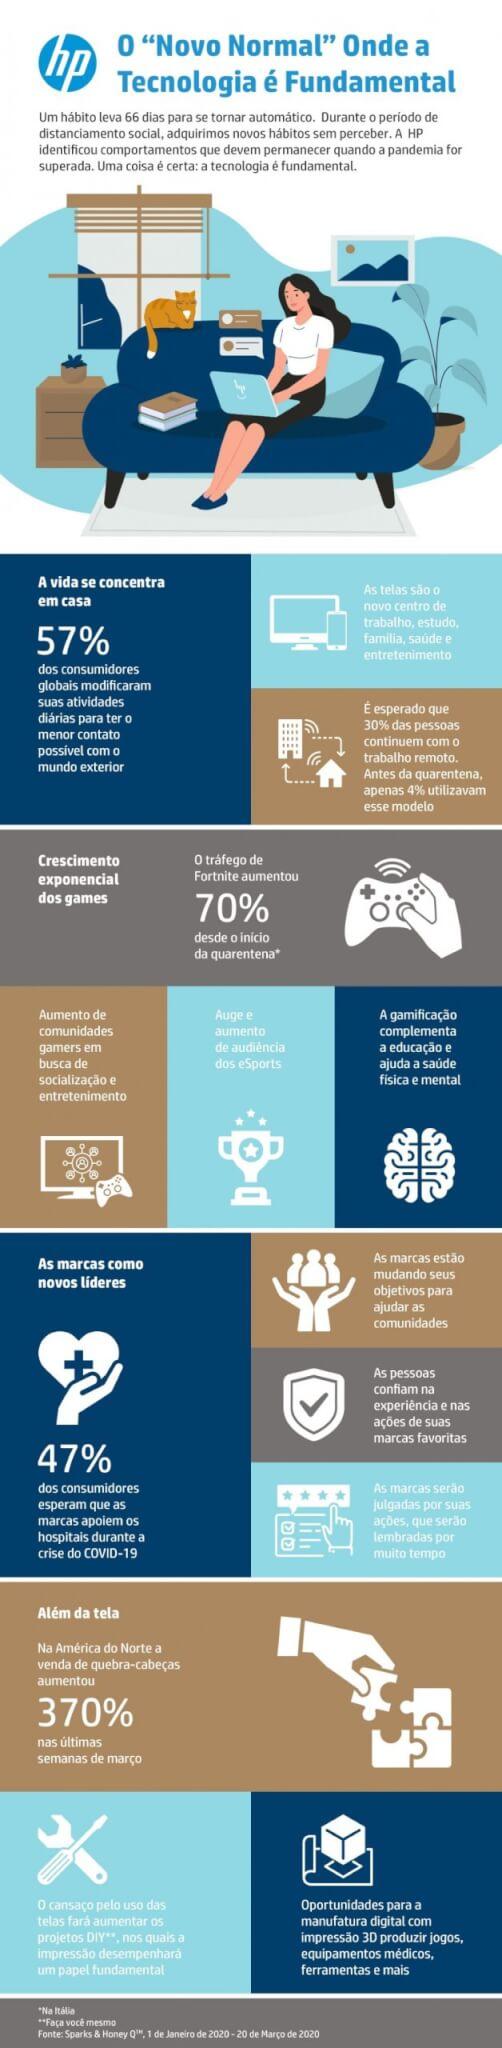 Gráfico de hábitos e consumo divulgado pela HP